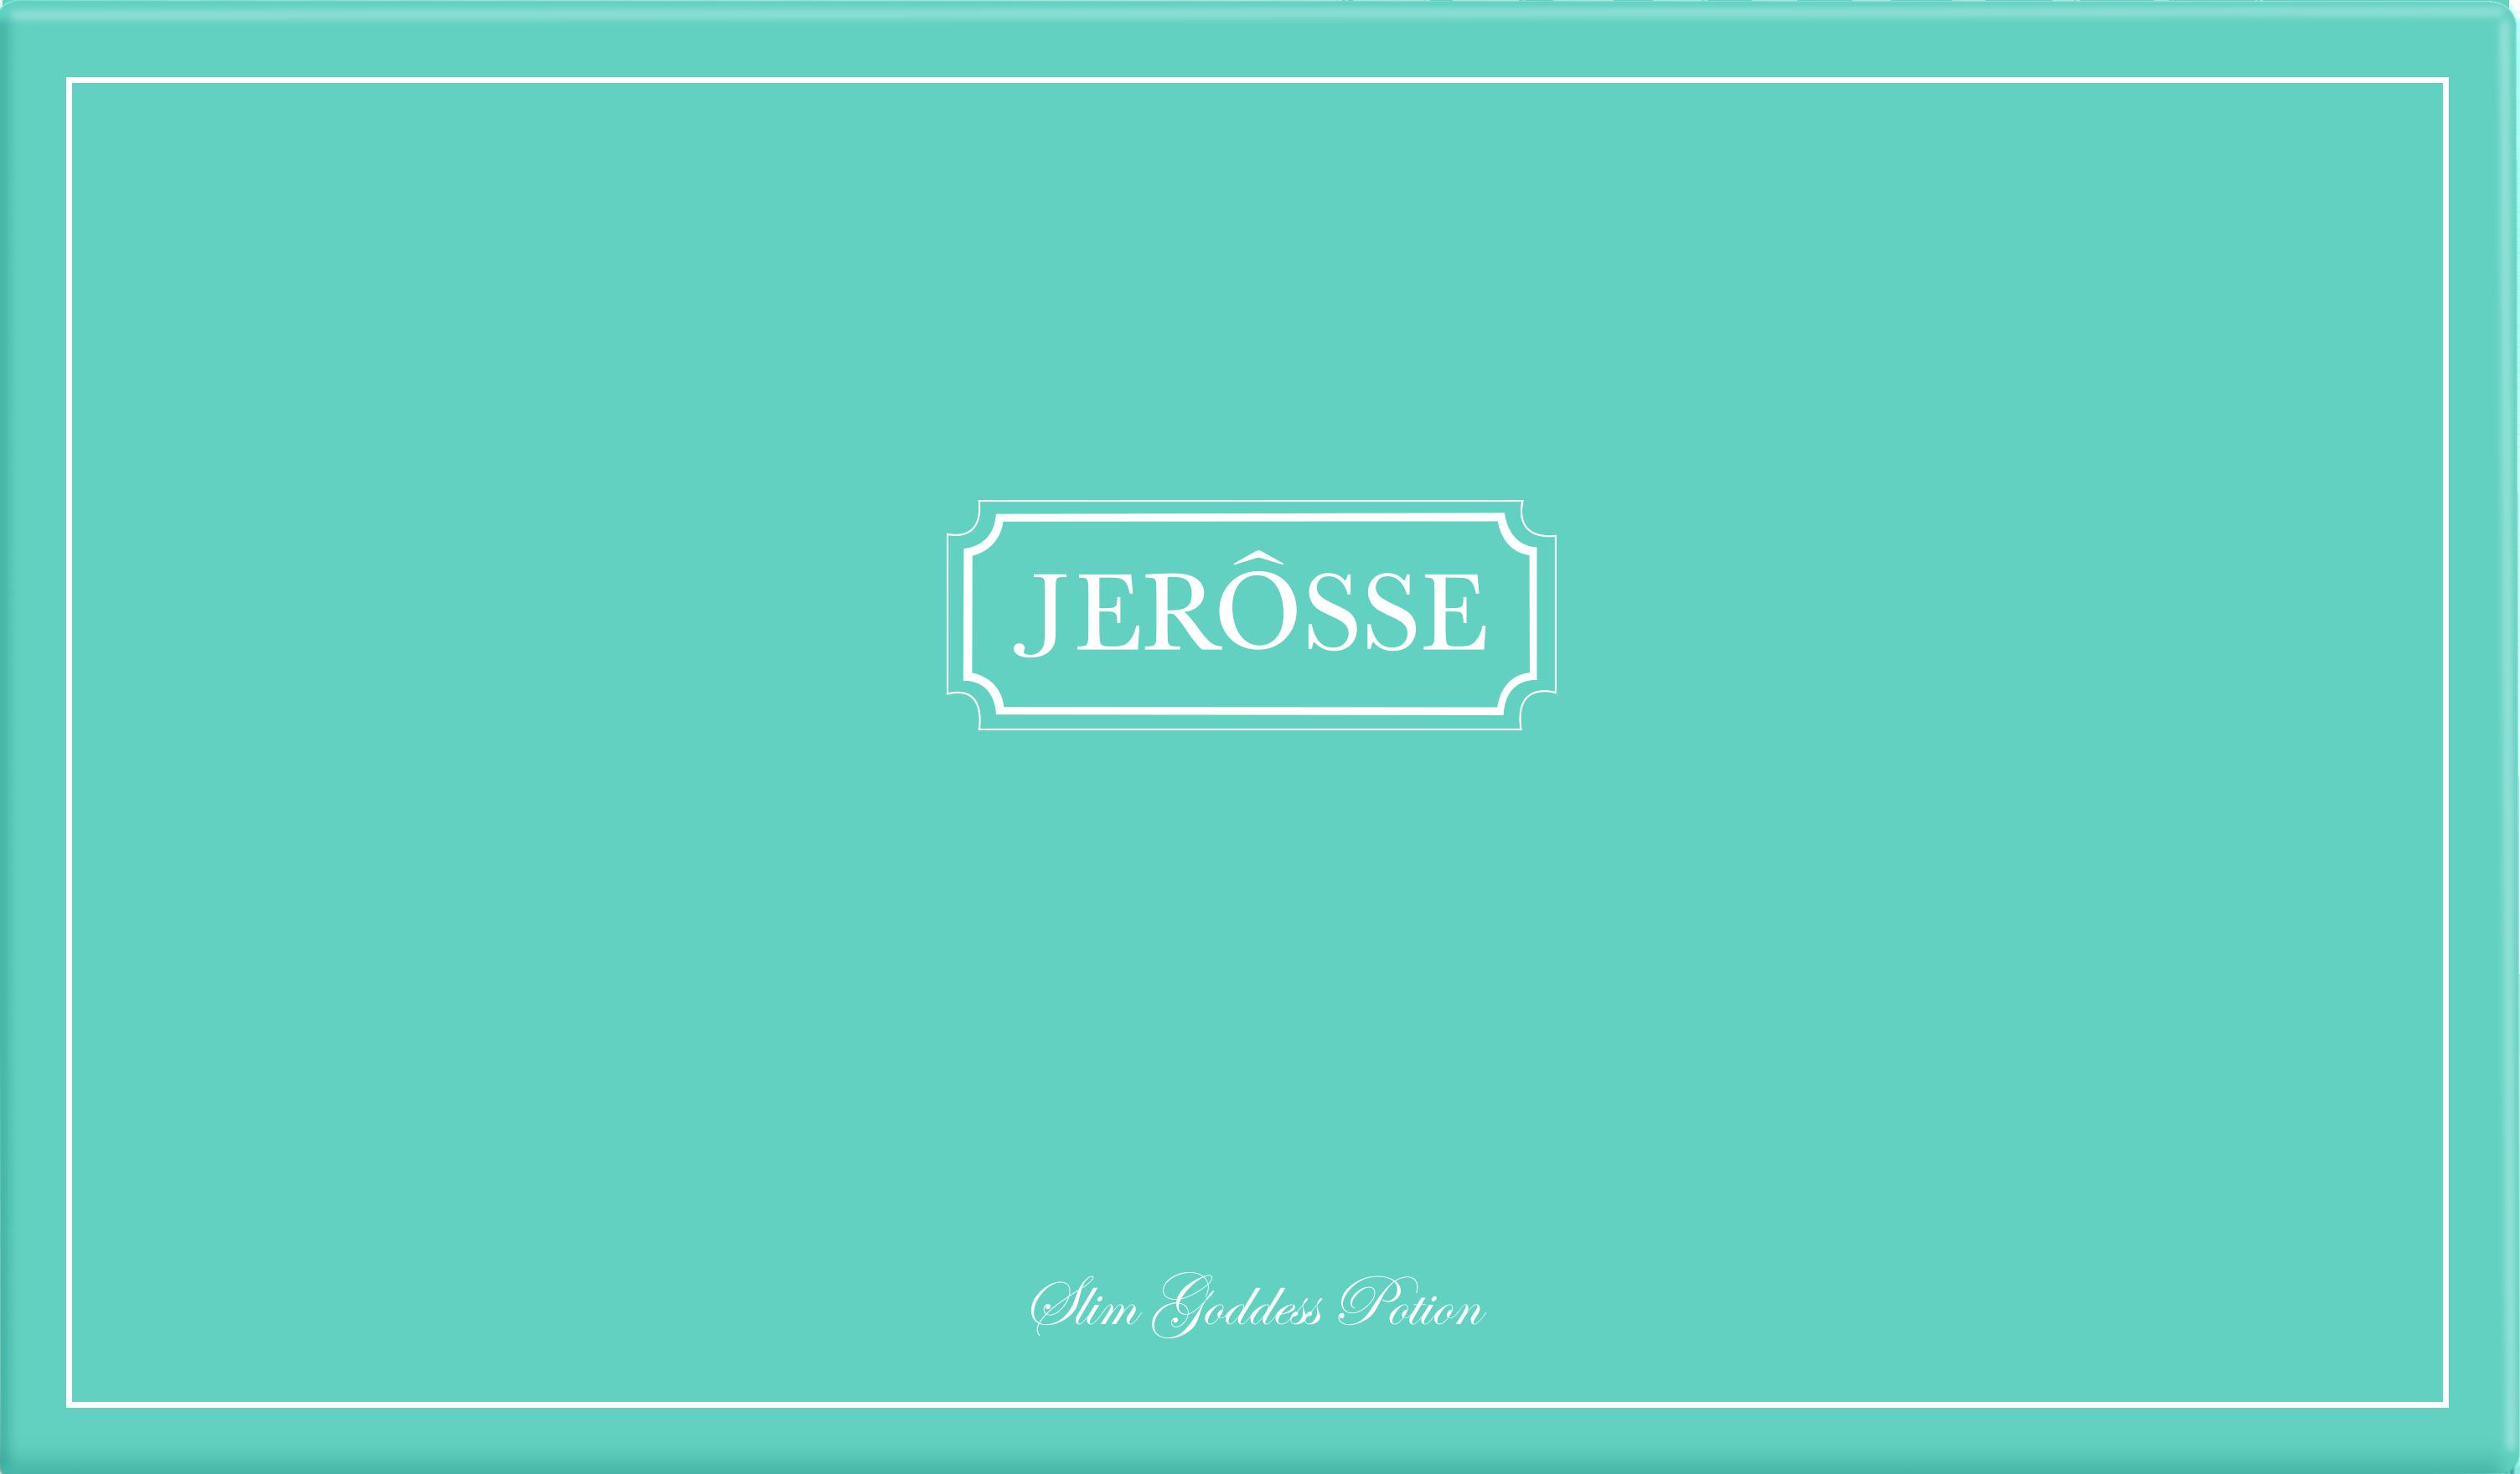 【滿3千點數回饋最高$1140】JEROSSE 婕樂纖 纖纖飲 1